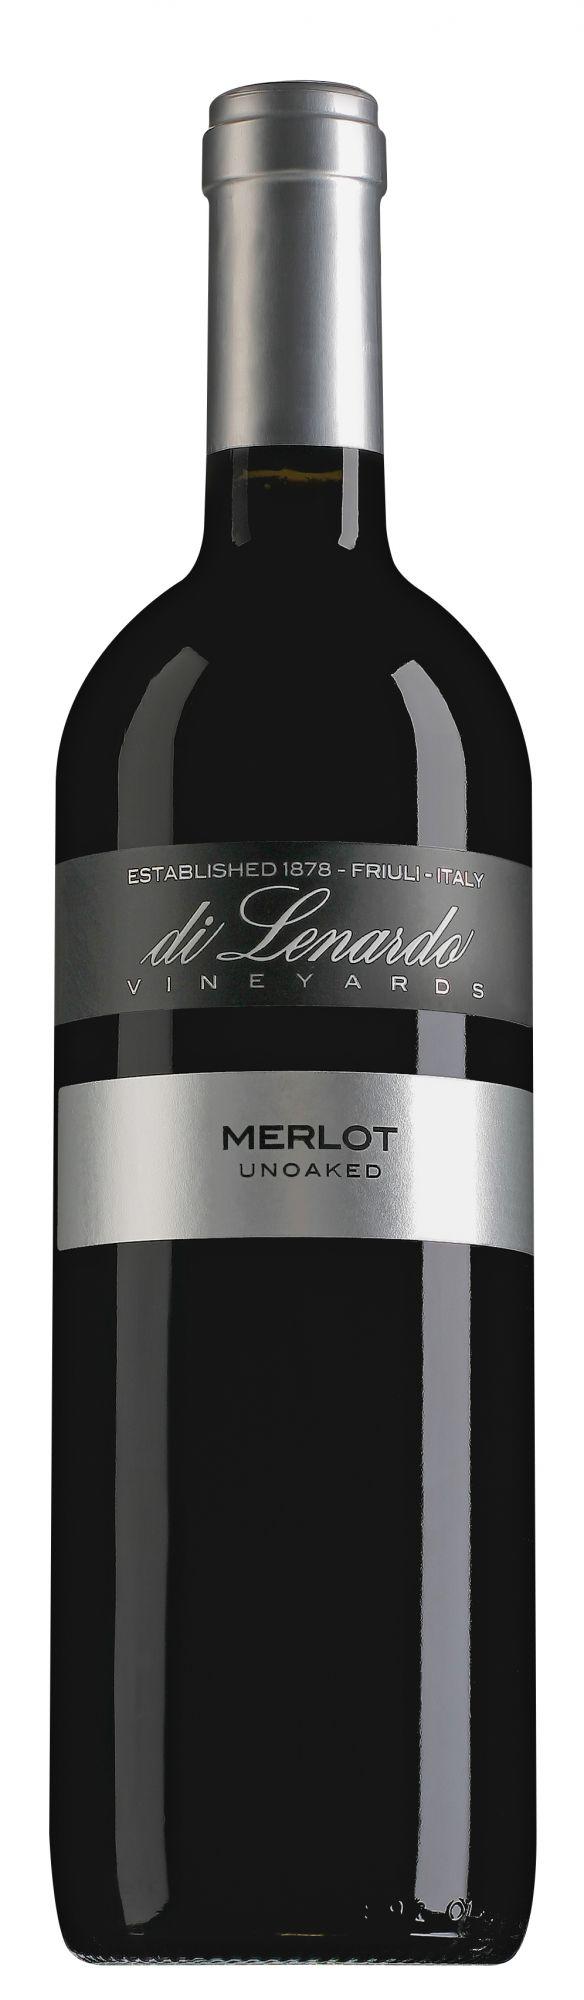 Di Lenardo Vineyards Venezia Giulia Merlot